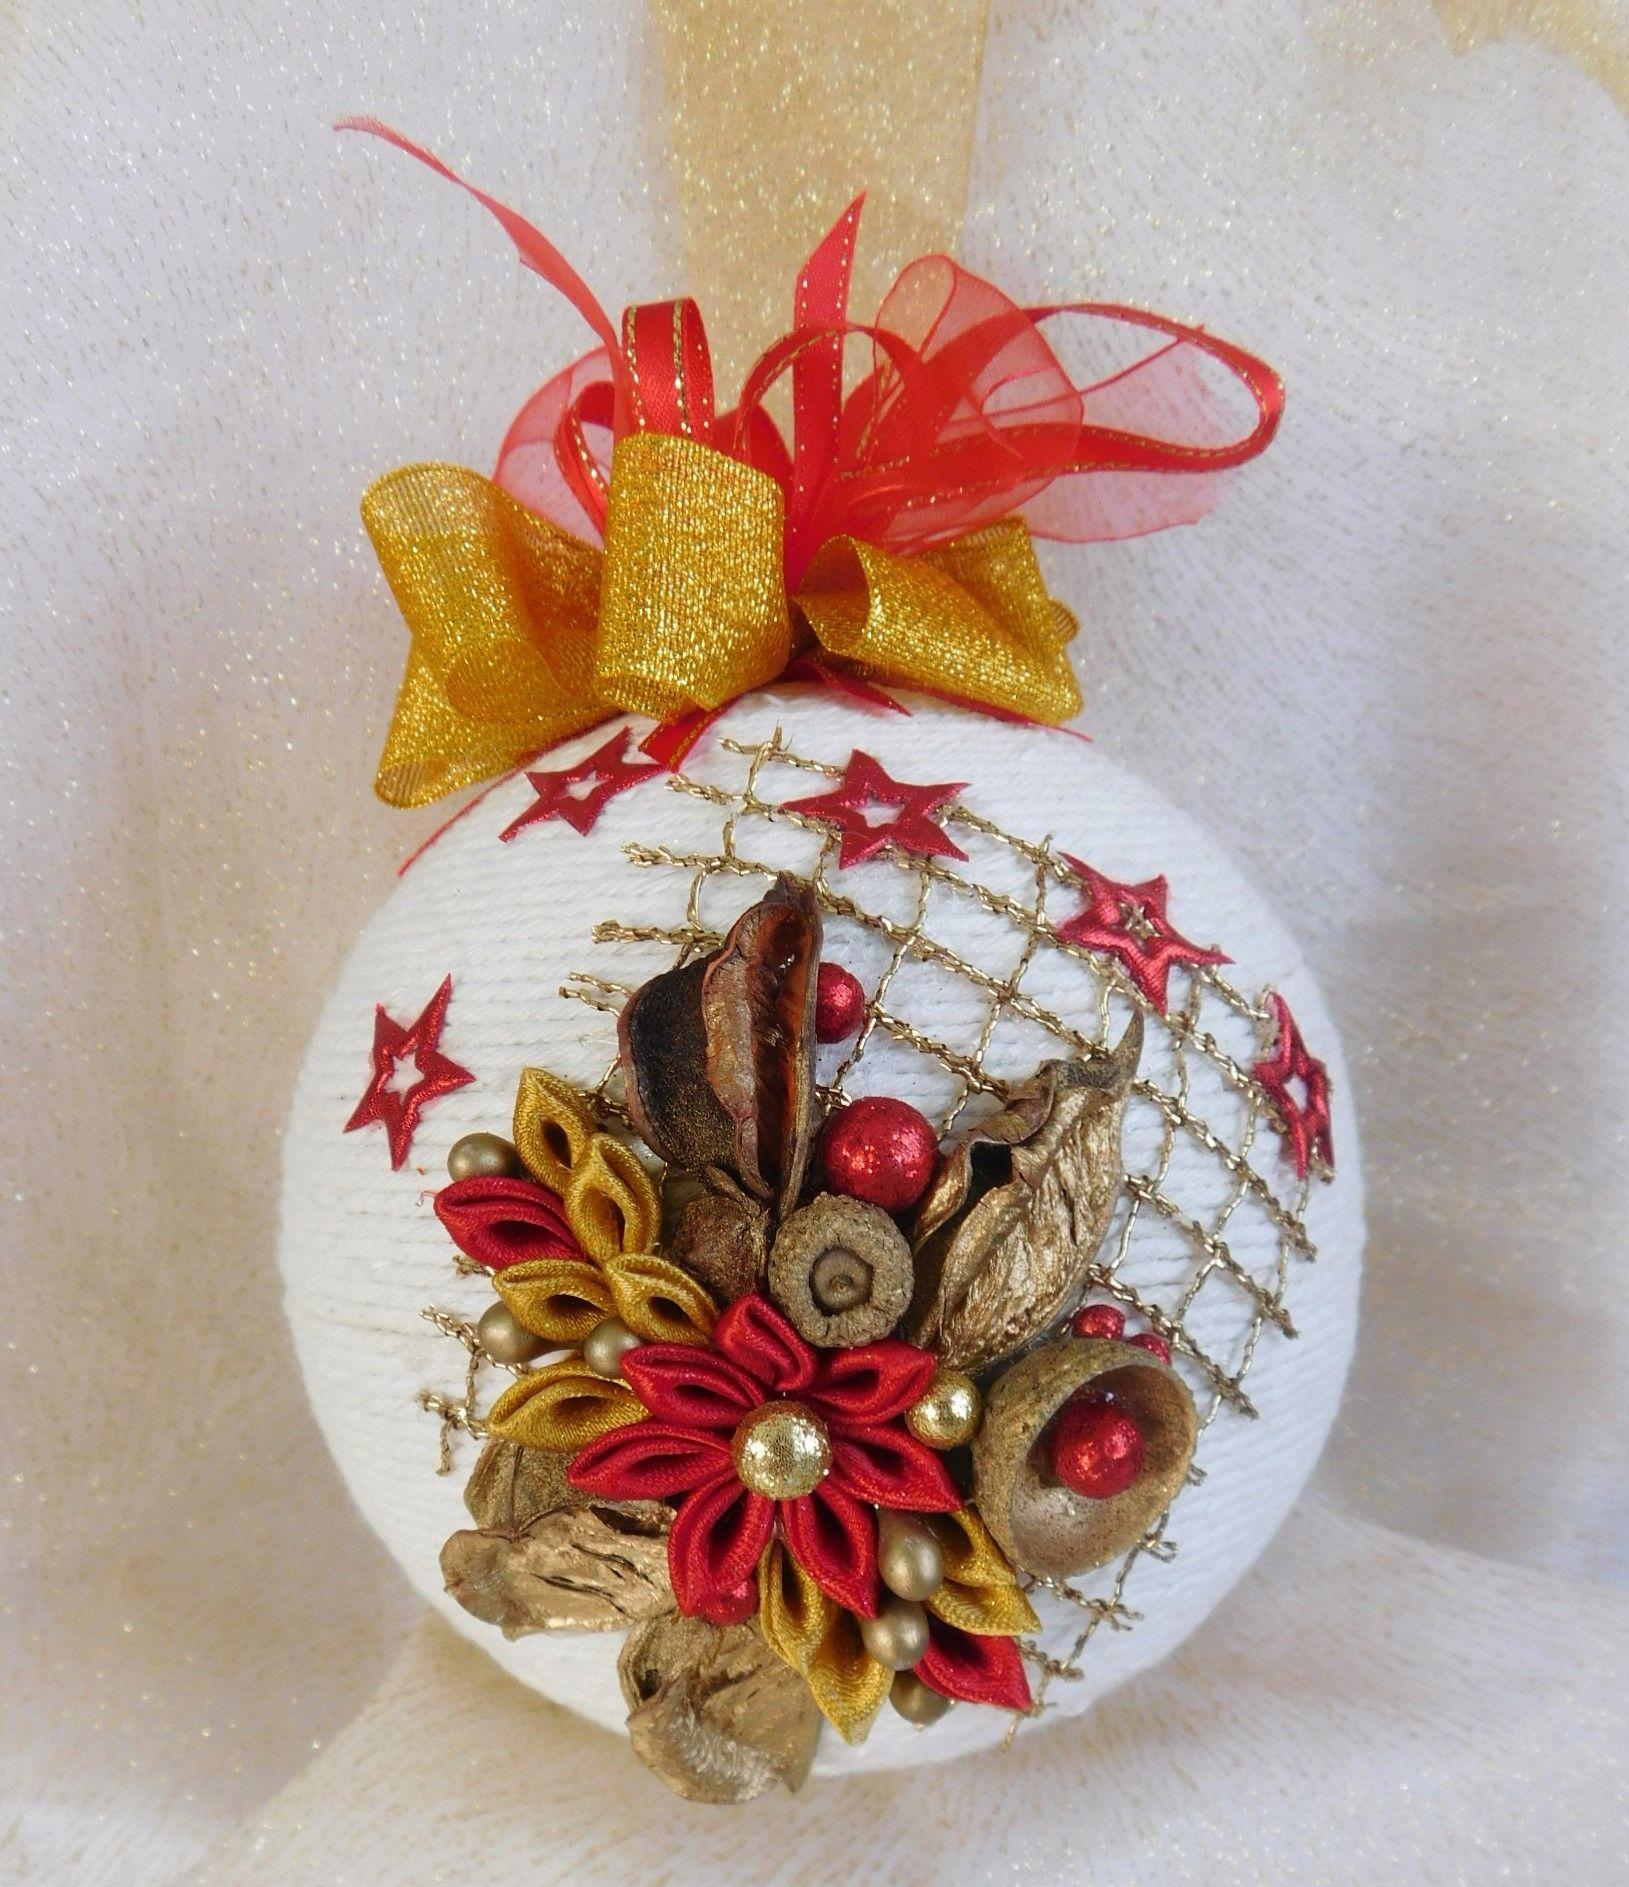 Piekna Bombka Sznurkowa Boze Narodzenie Rekodzielo 7594330796 Oficjalne Archiwum Allegro Diy Christmas Ornaments Christmas Ornaments Homemade Paper Christmas Ornaments